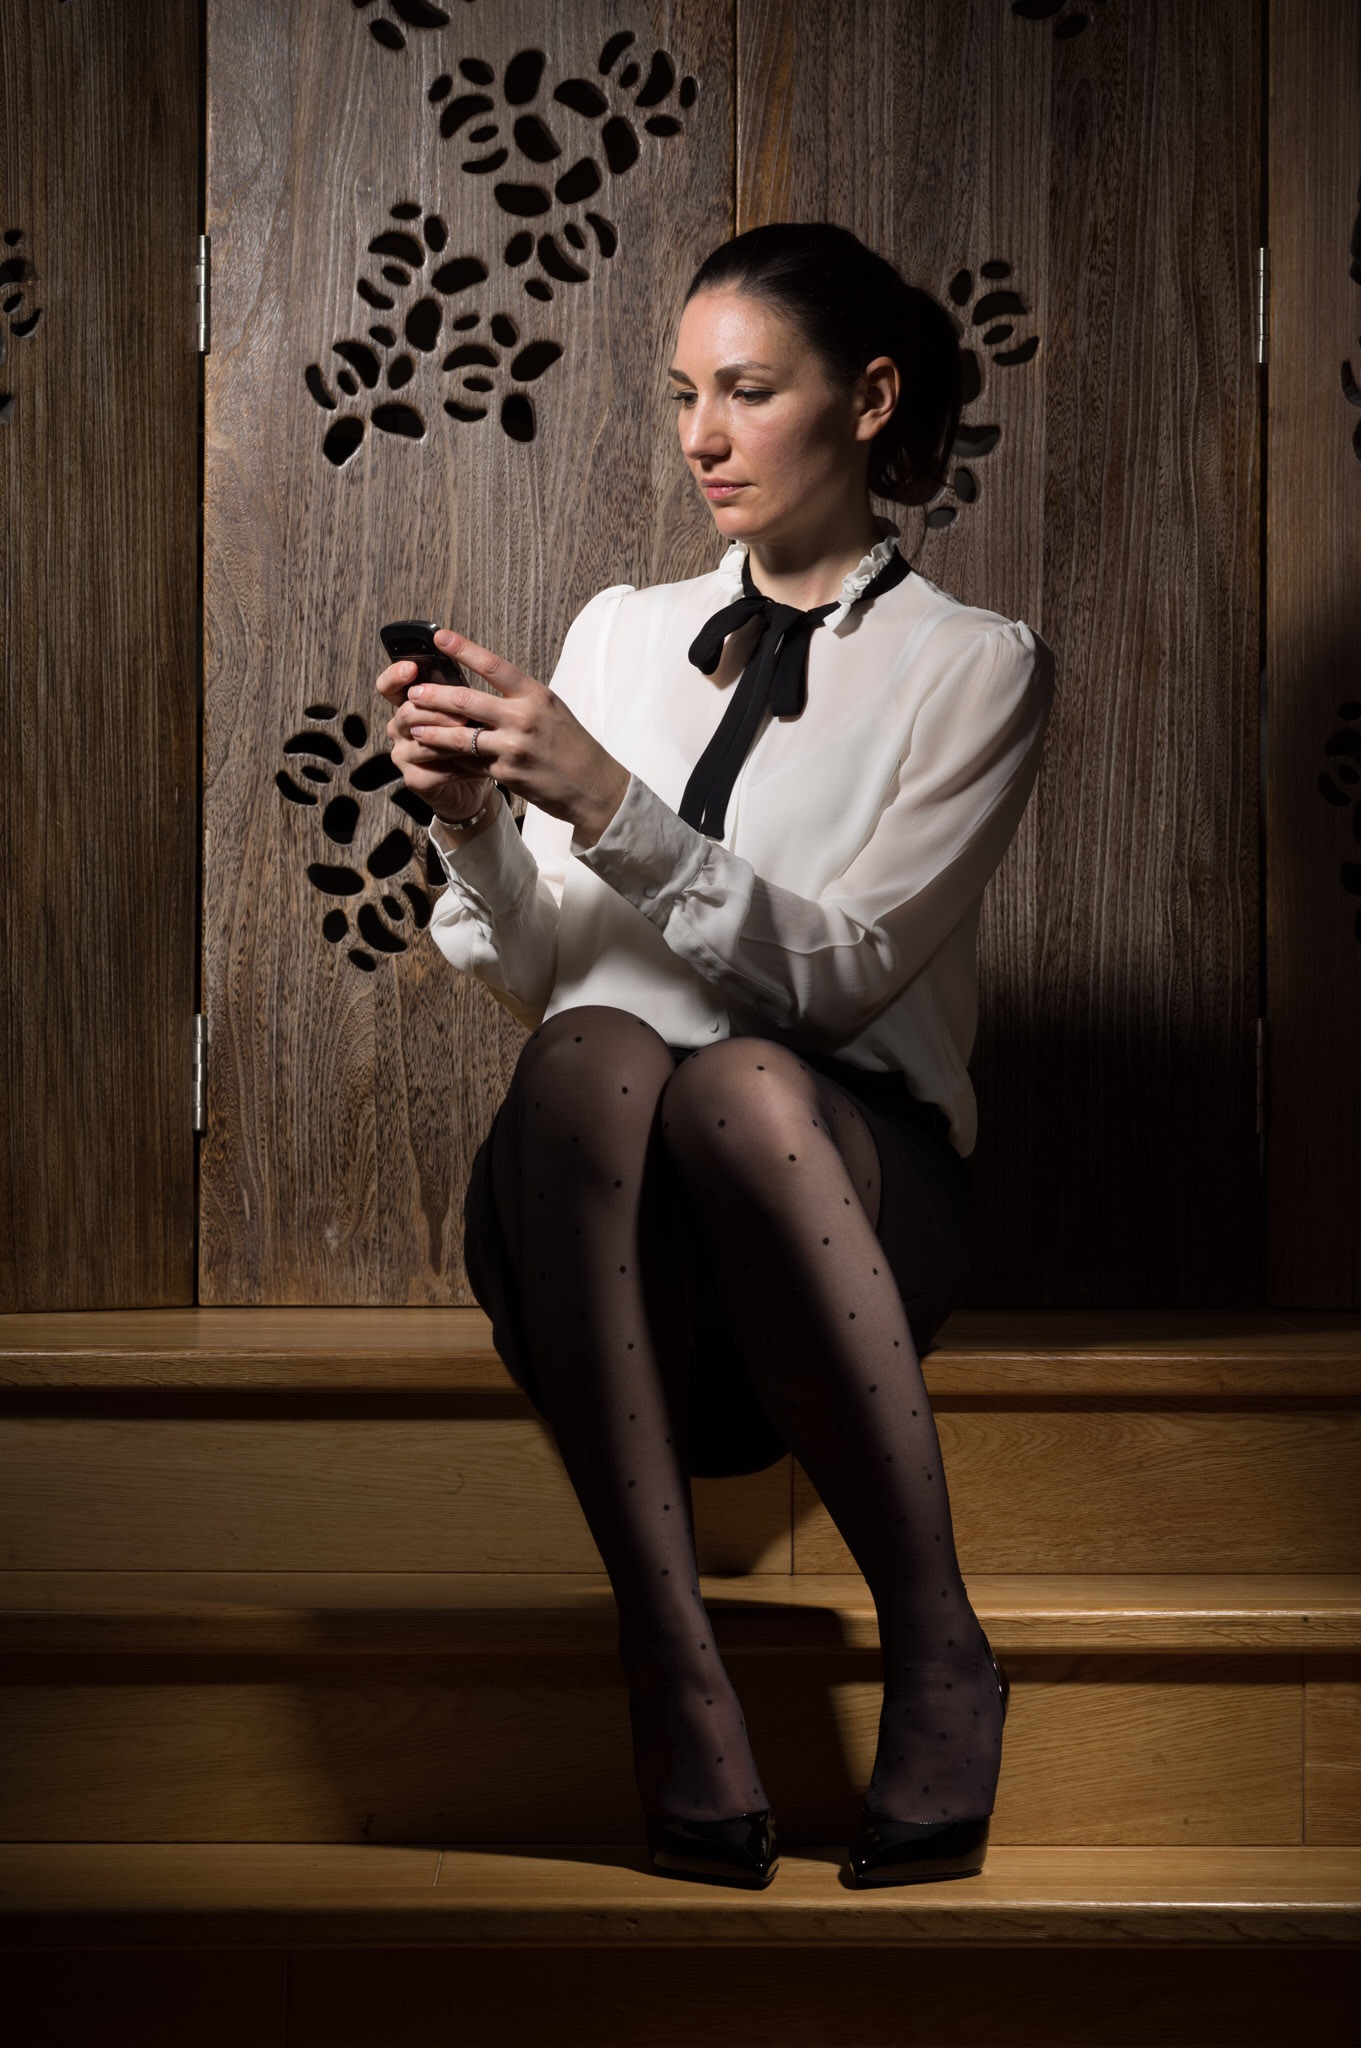 Work-wear-with-stilettos-4.jpg